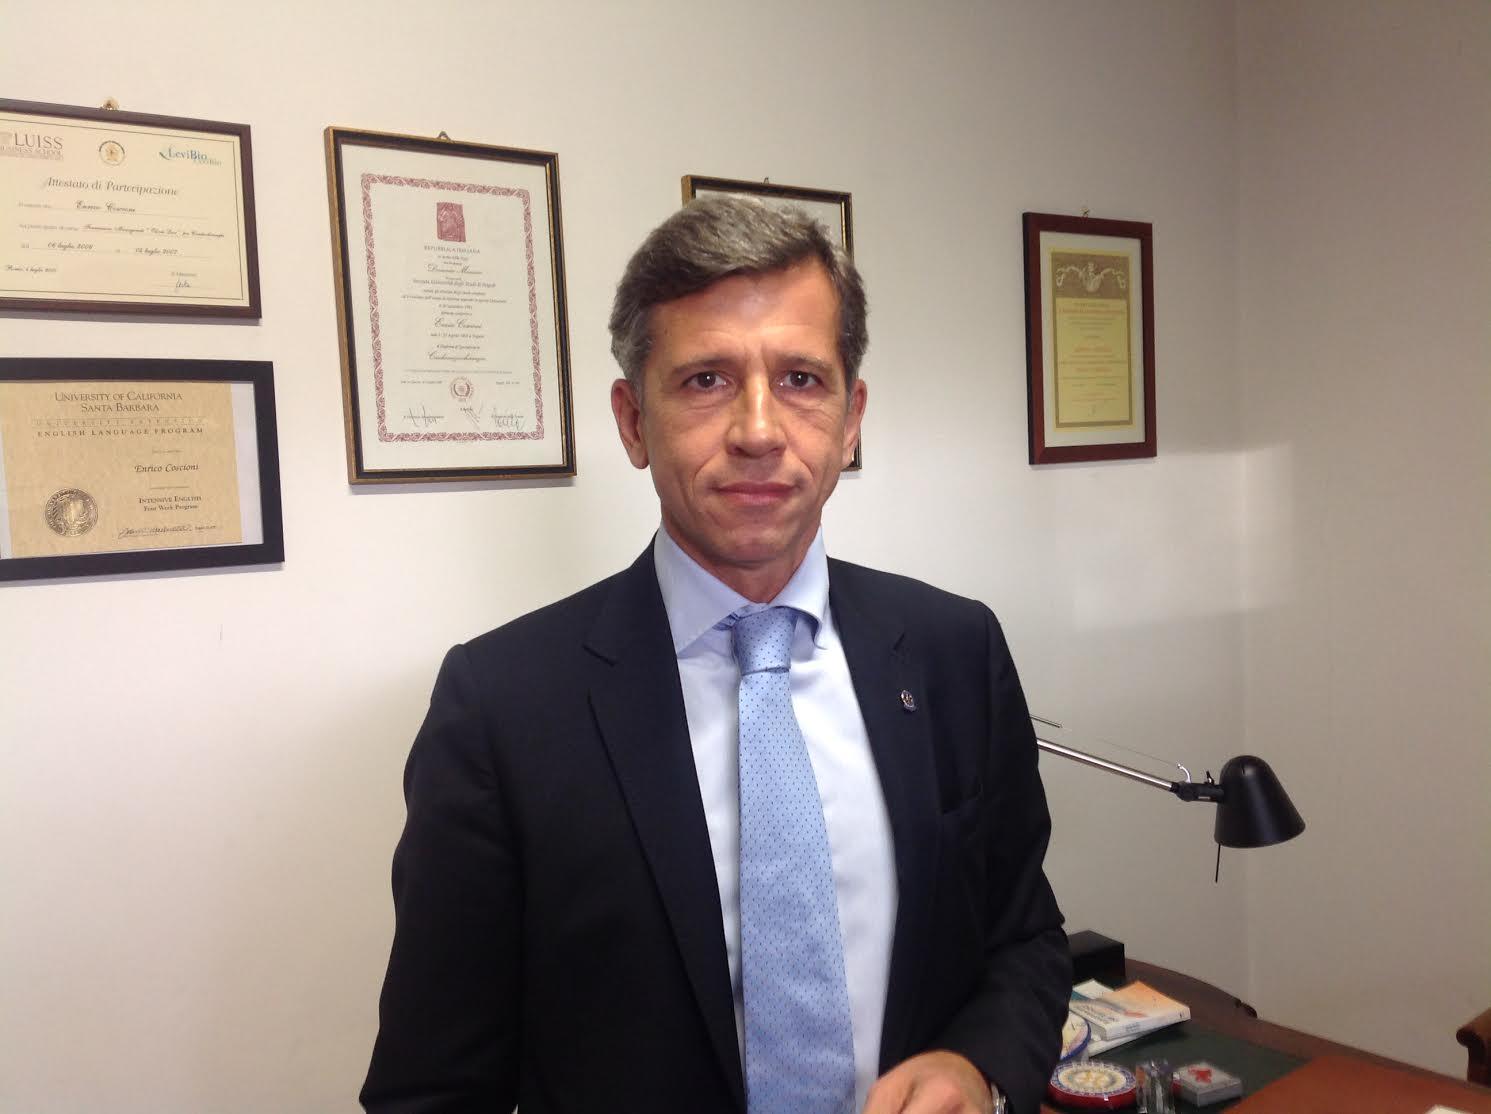 Tentata concussione: chiusura indagini per Enrico Coscioni, il consigliere di De Luca